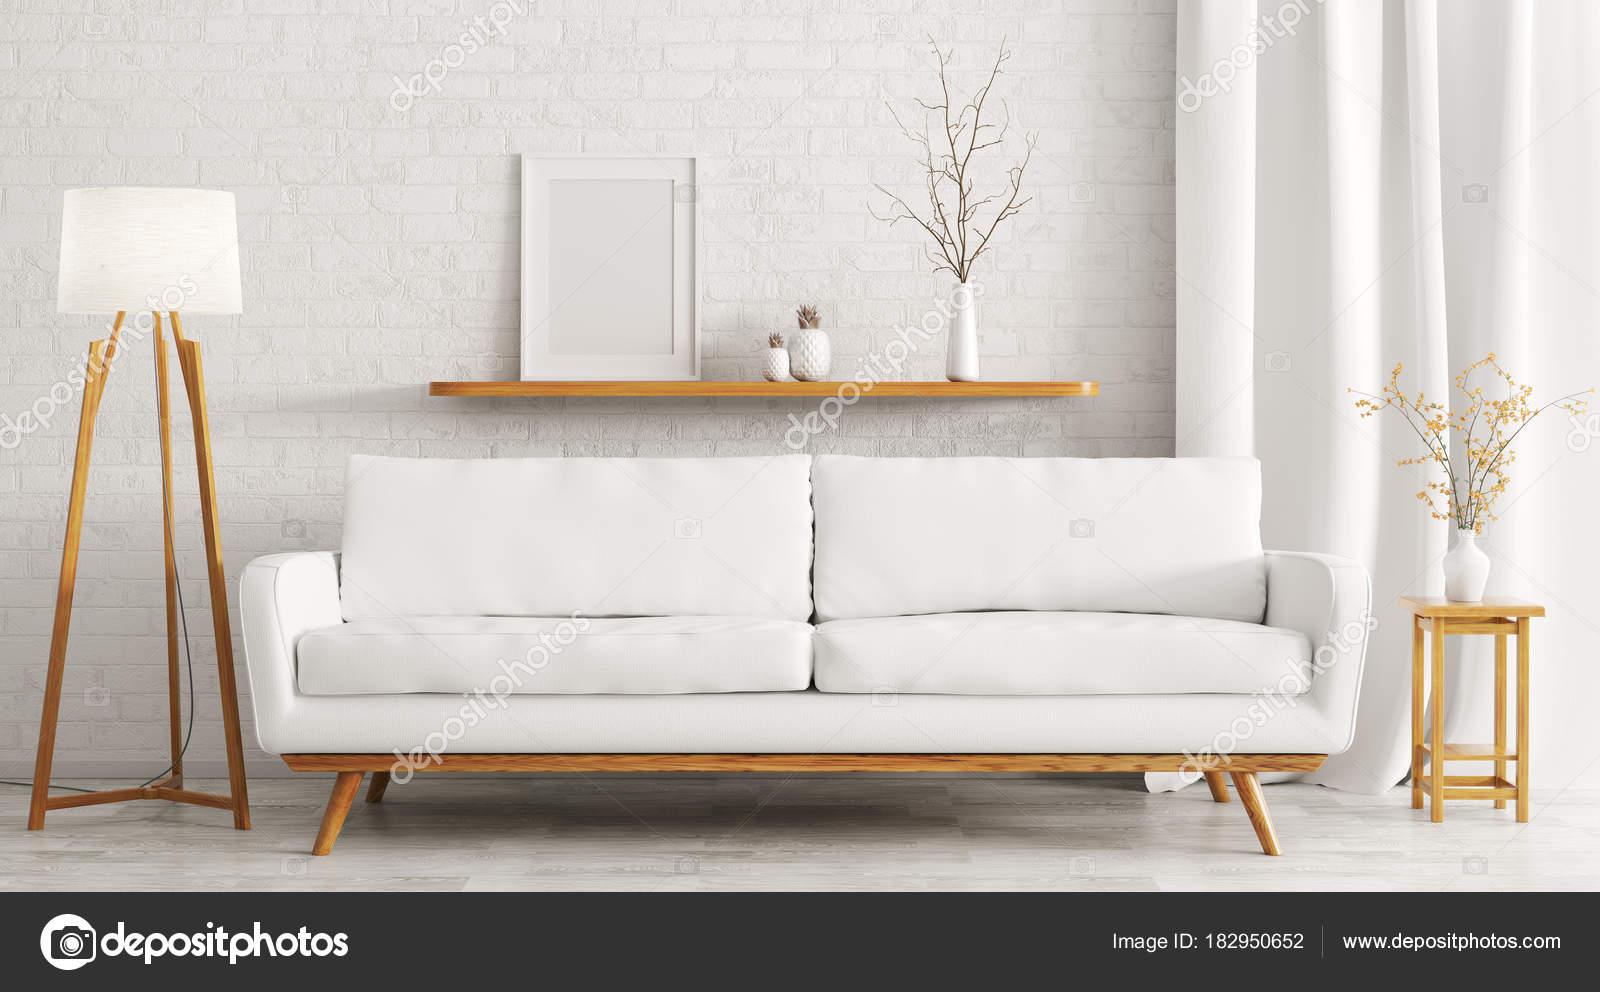 Mensole Dietro Al Divano : Mensole sopra il divano good divani with mensole sopra il divano